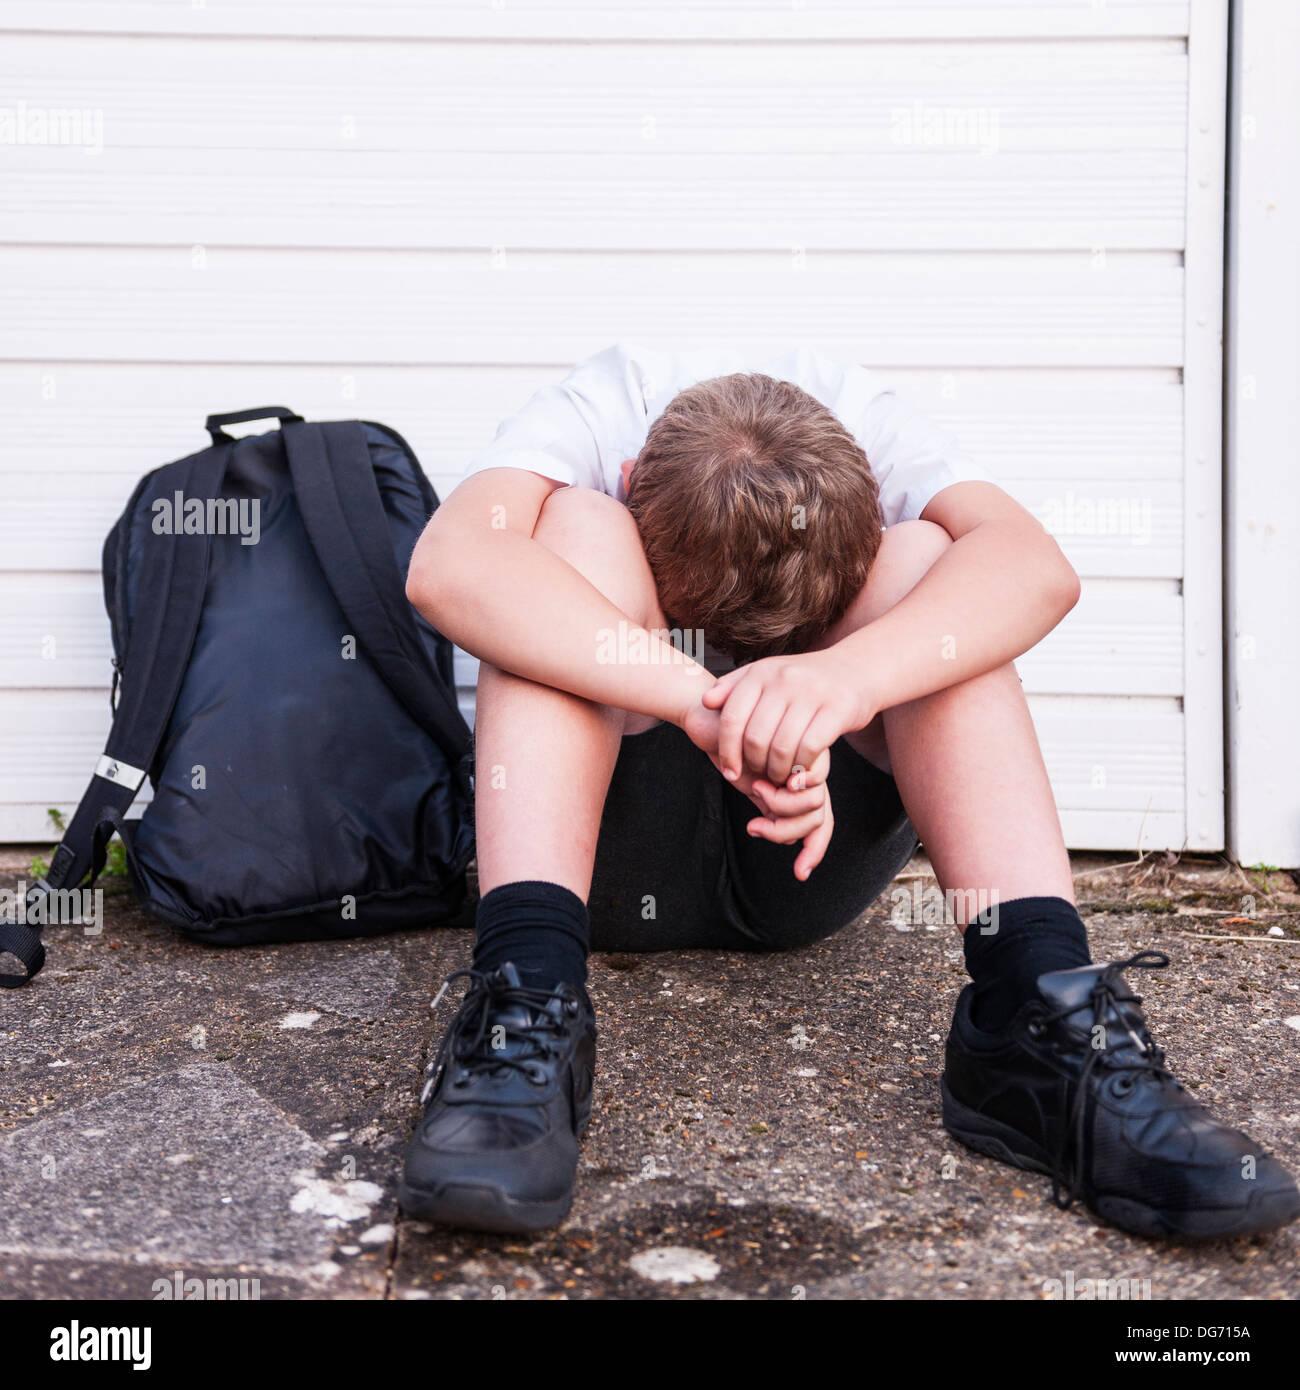 Un garçon de 10 à la triste et déprimé dans son uniforme de l'école montrant les effets de l'intimidation au Royaume-Uni Photo Stock